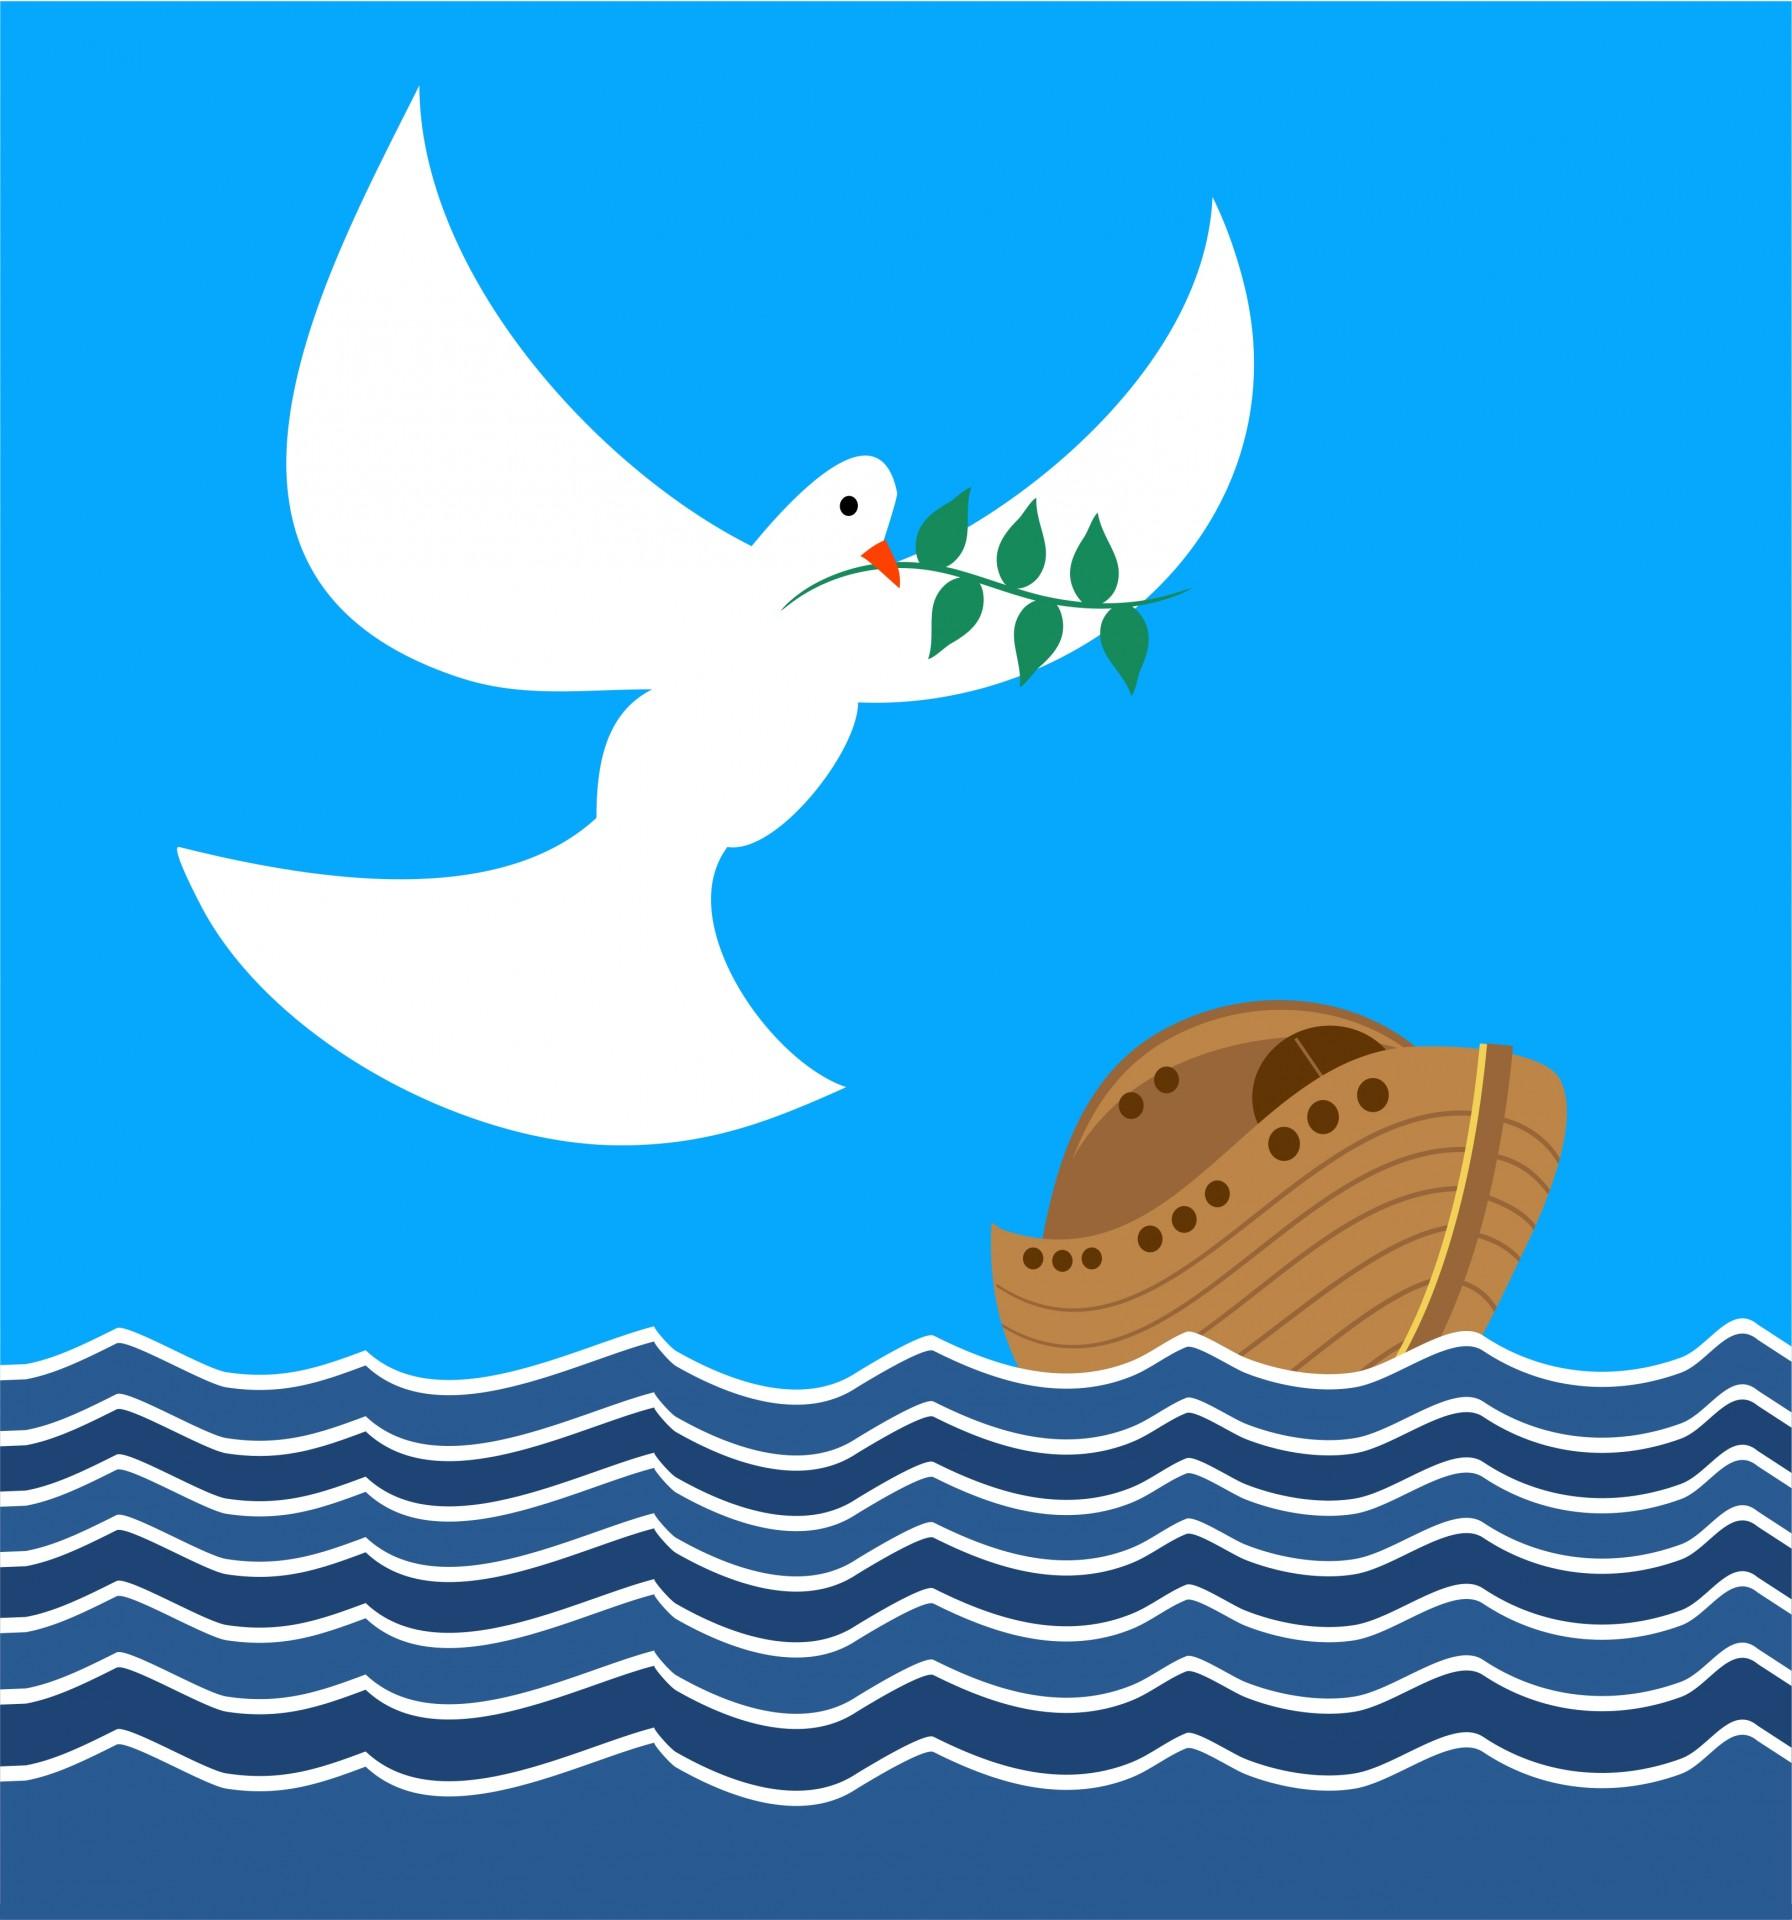 1792x1920 Noah's Ark Clipart Free Stock Photo